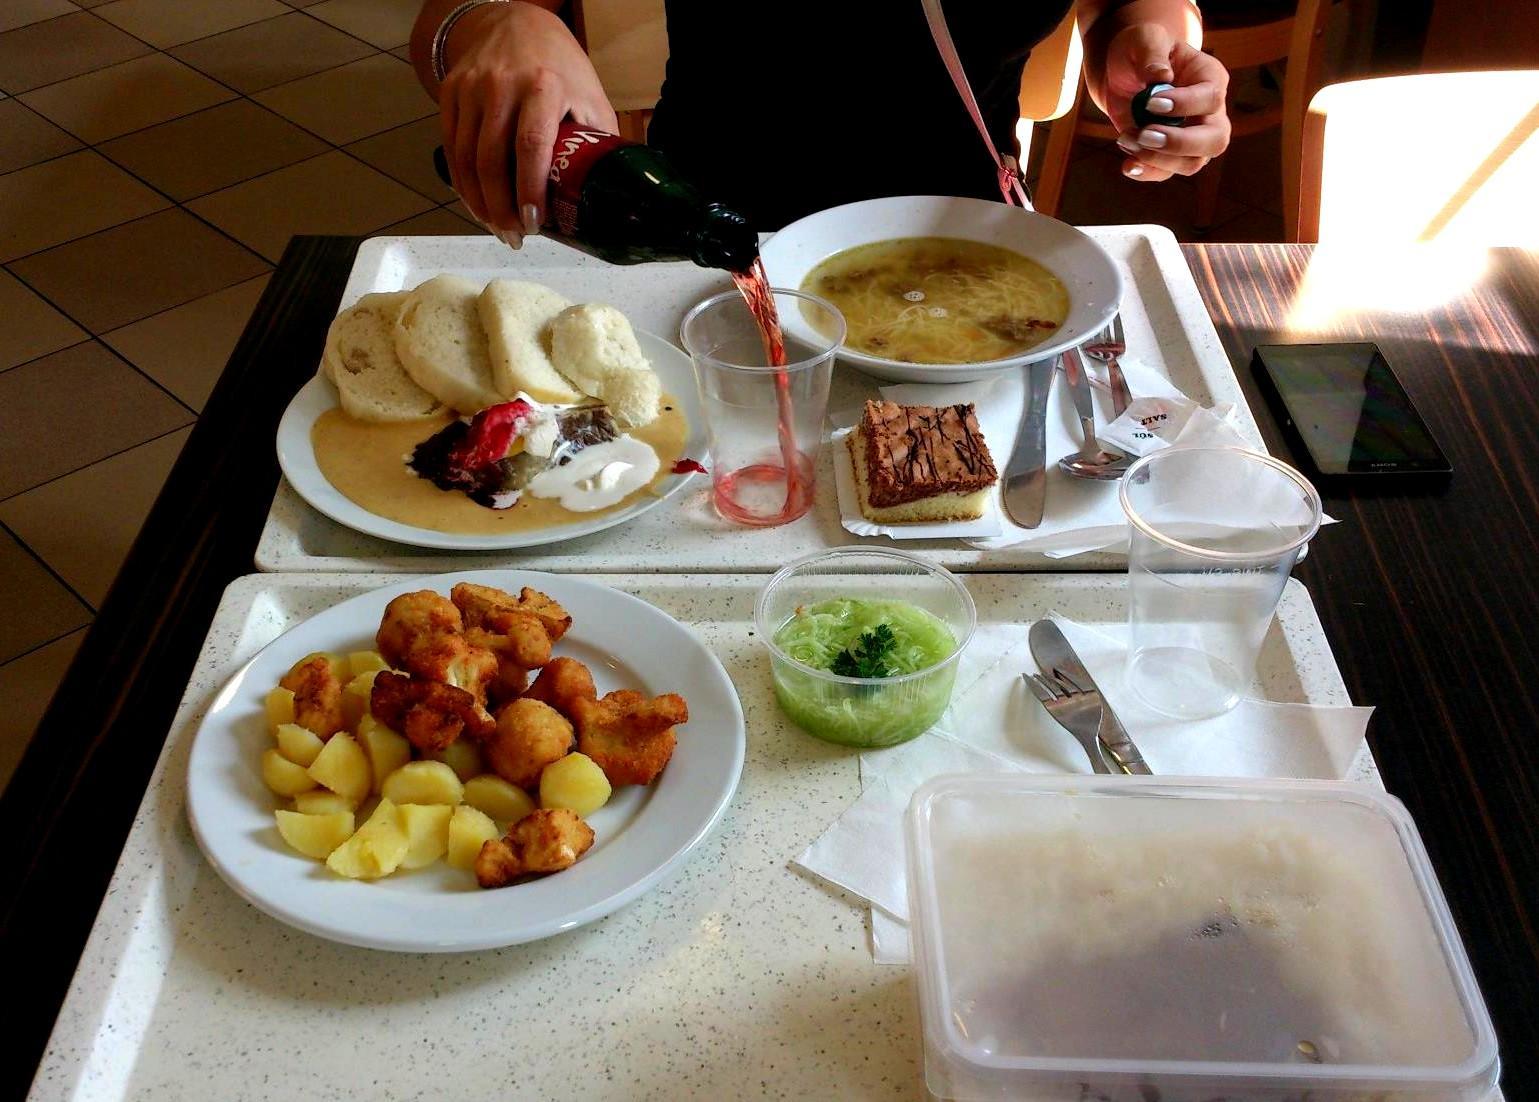 Degustační požitek - Skromný oběd s kamarádkou :-D